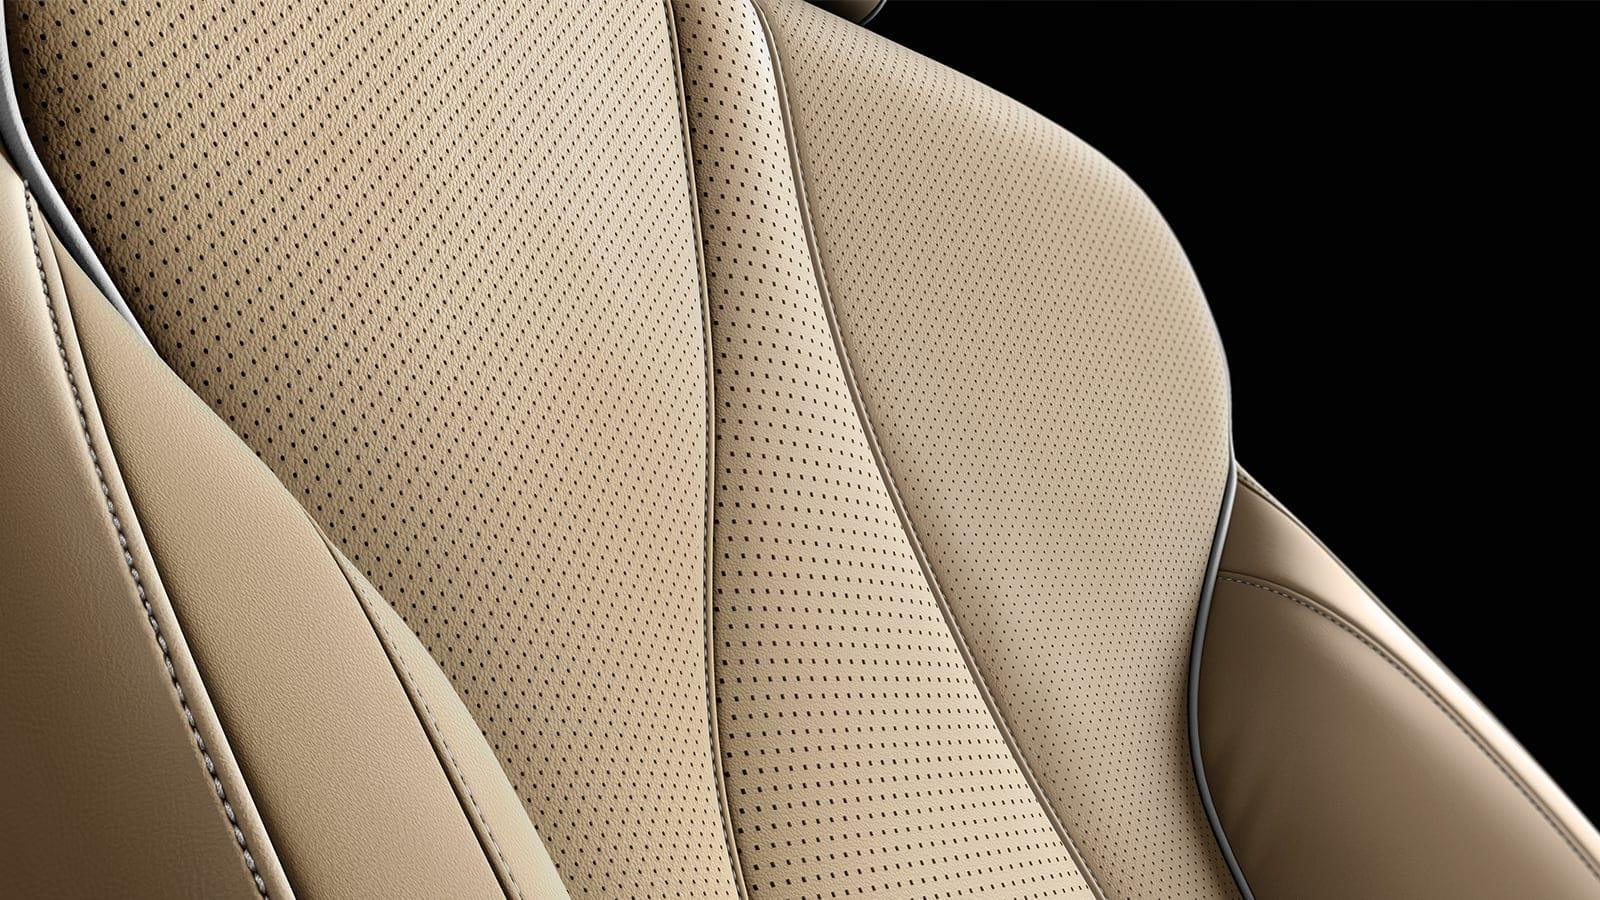 2020 Acura RDX Interior Detailing